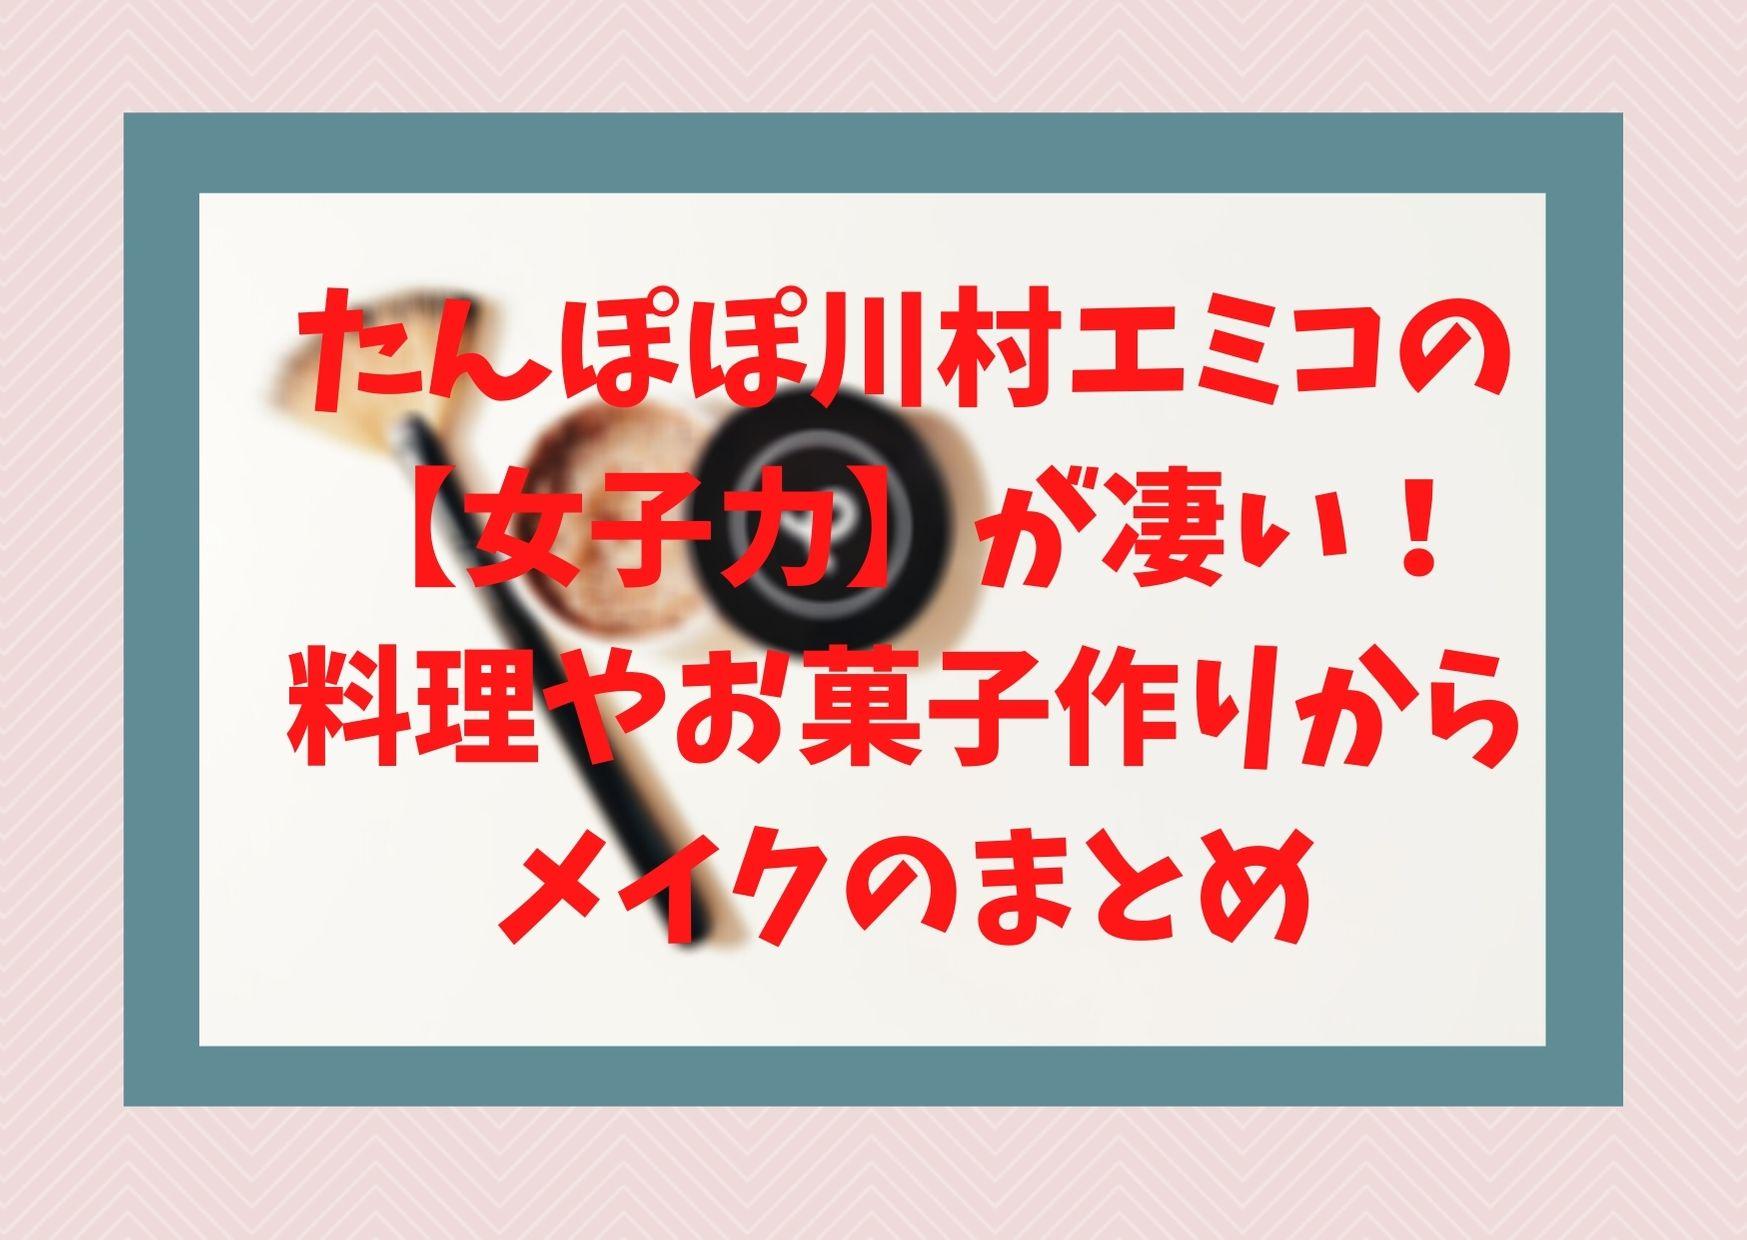 たんぽぽ川村エミコの【女子力】が凄い!料理やお菓子作りからメイクのまとめ